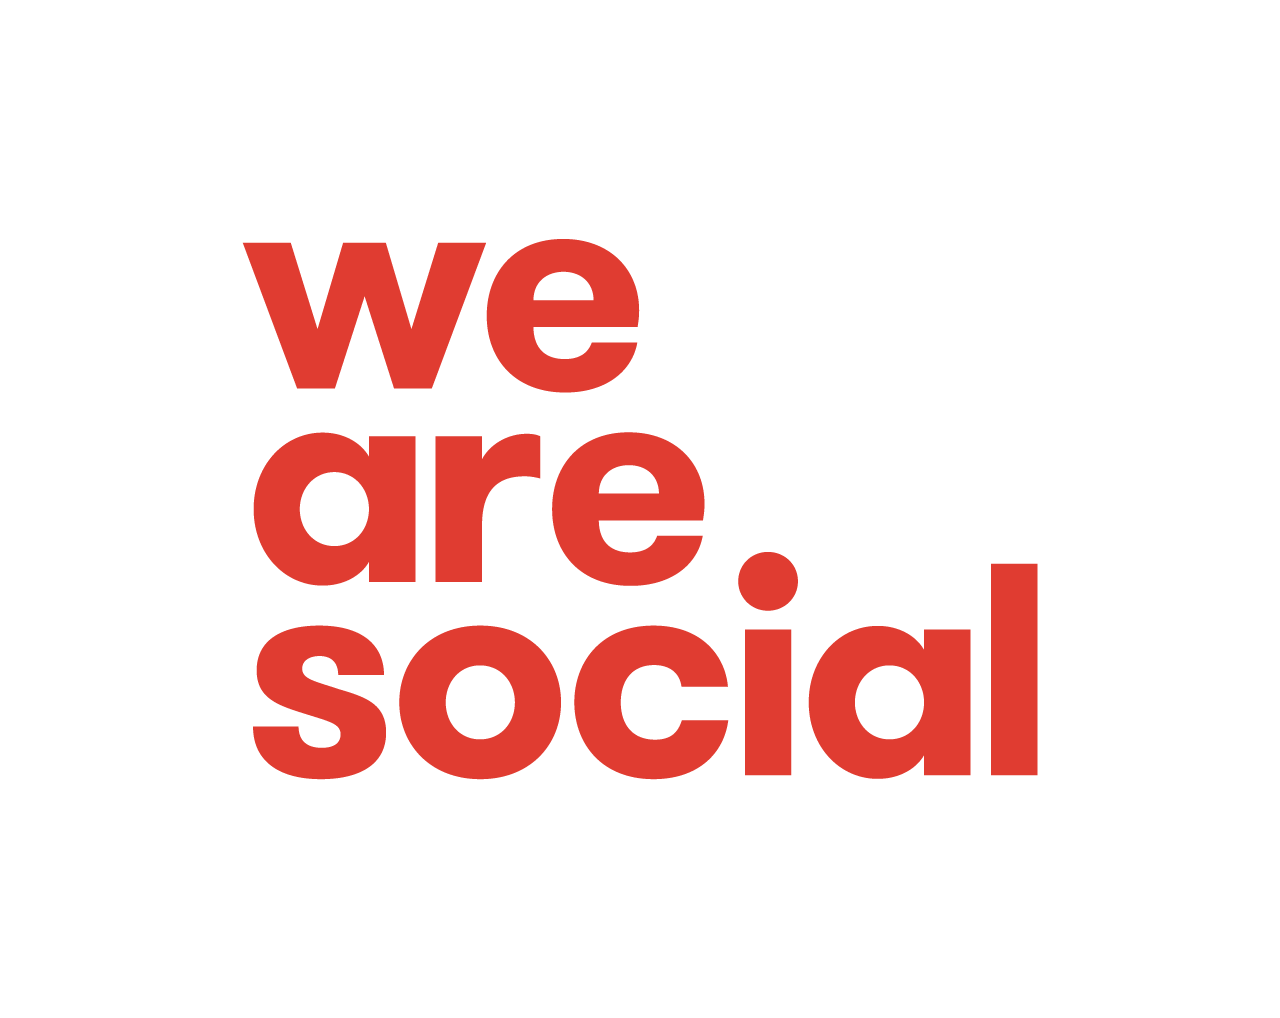 WeAreSocial_R_W_RGB.png